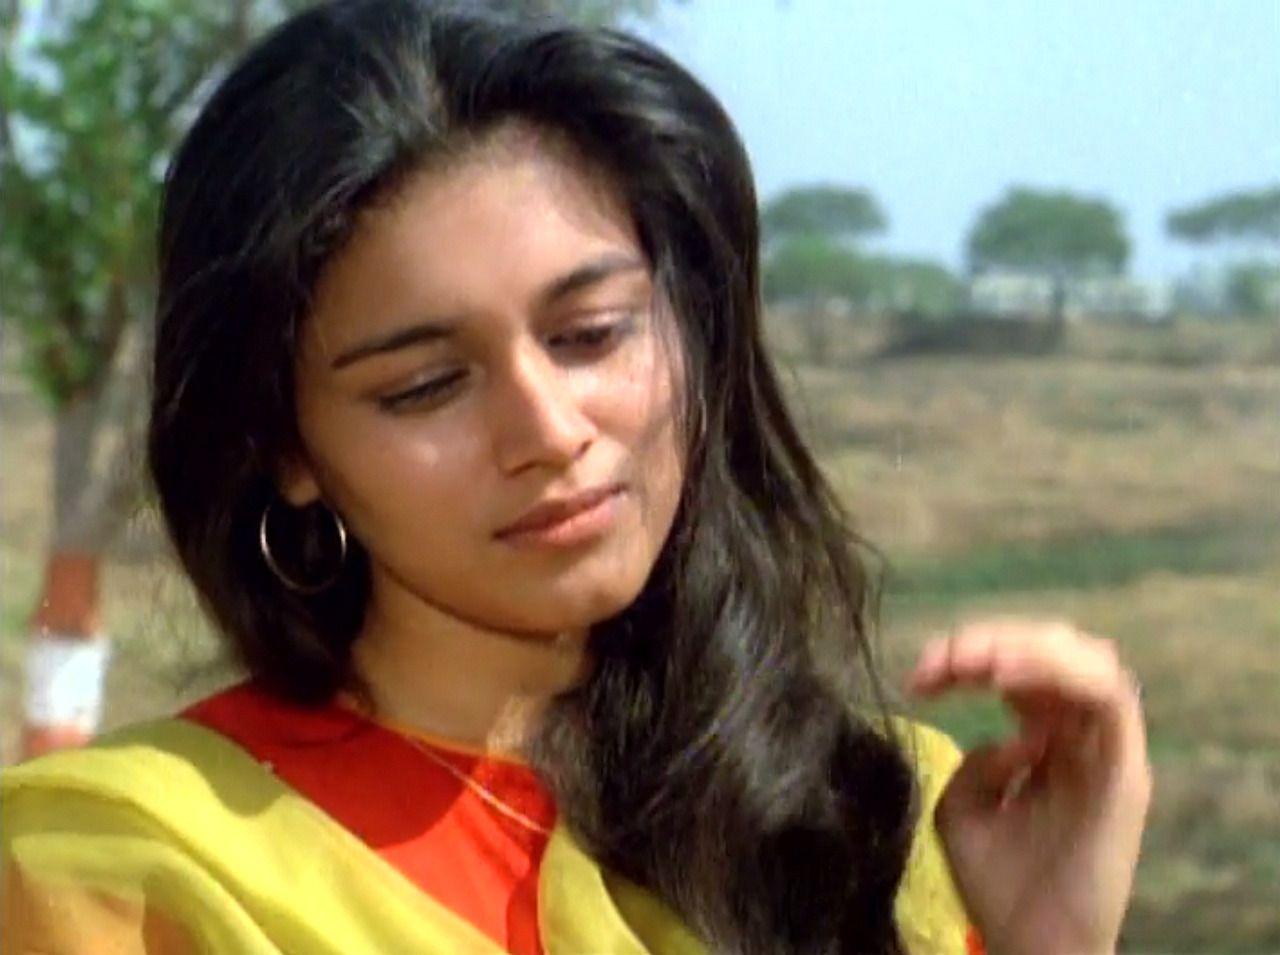 १९८६ च्या काही वर्ष आधी जेव्हा सुप्रिया त्यांची पीएचडी पूर्ण करुन मुंबईतून अहमदाबादला राहायला गेल्या होत्या, तेव्हा त्यांची ओळख आई दिना पाठक यांच्या मित्राच्या मुलाशी झाली. दोघांमध्ये प्रेम झालं आणि दोघांनी लग्न केलं. तेव्हा त्यांचं वय फक्त २२ वर्ष होतं. लग्नाच्या एका आठवड्यानंतरच सुप्रिया यांच्या आयुष्यात वादळ यायला सुरुवात झाली.